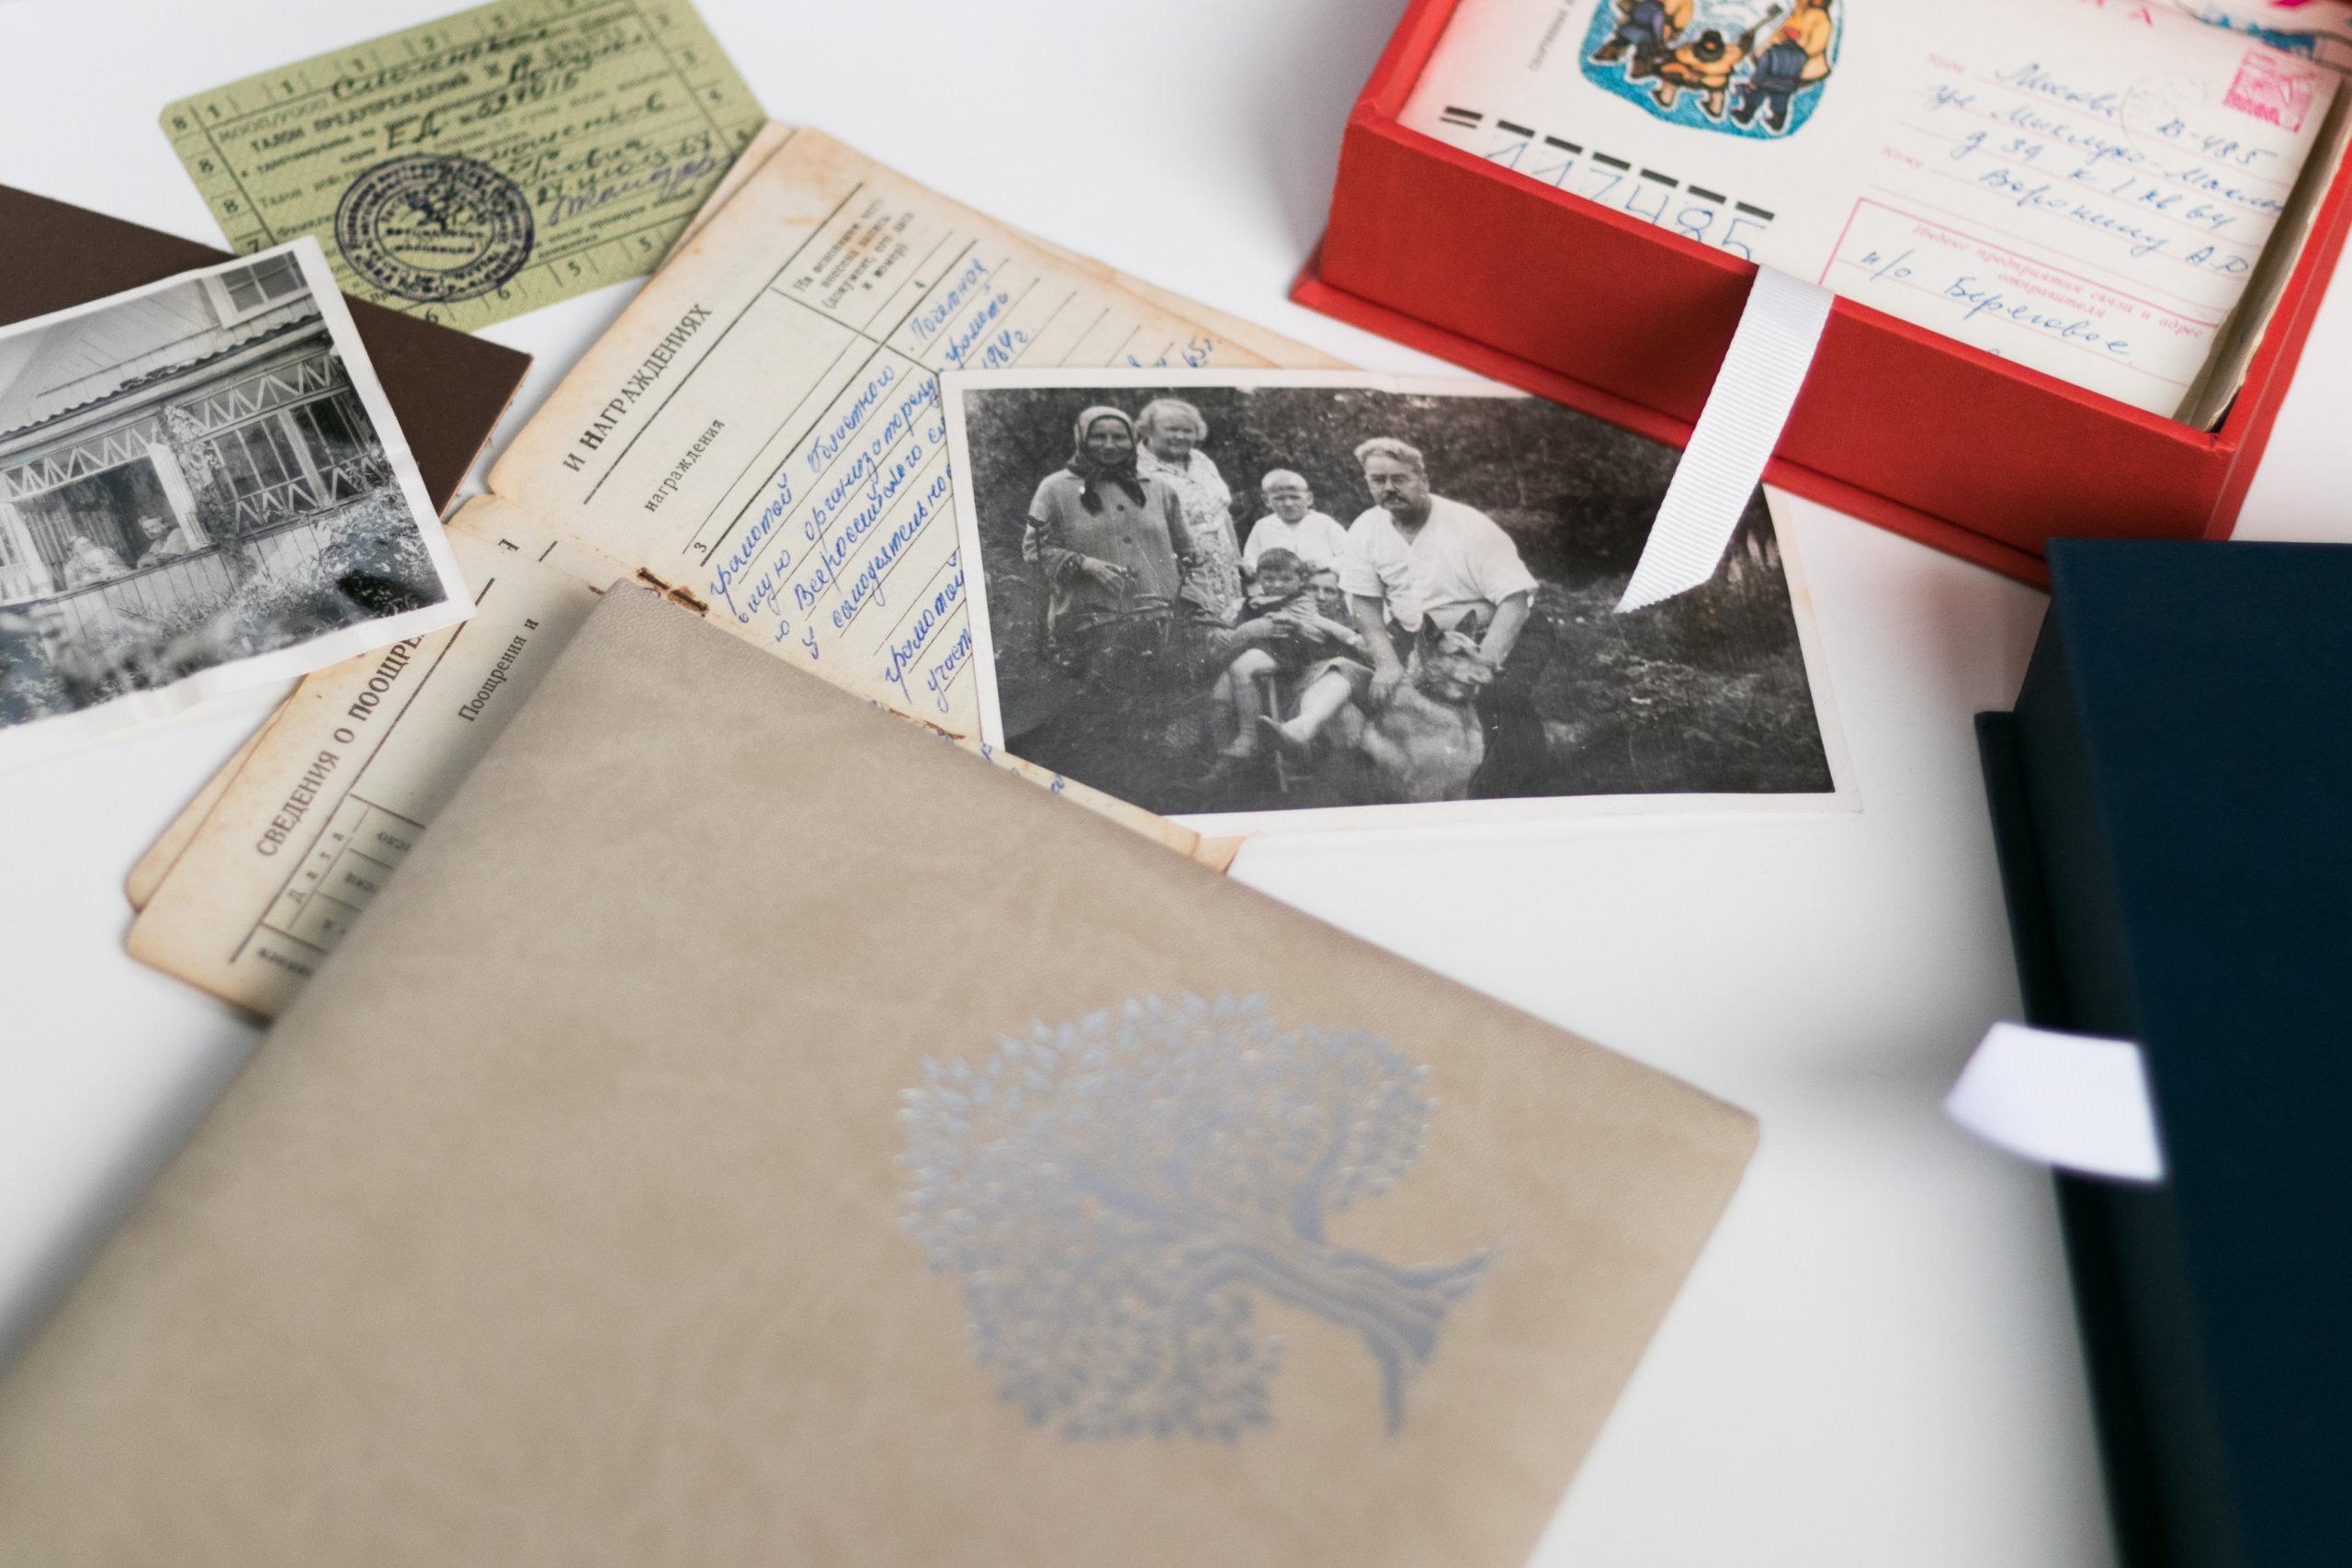 архивные фотографии и фотокнига